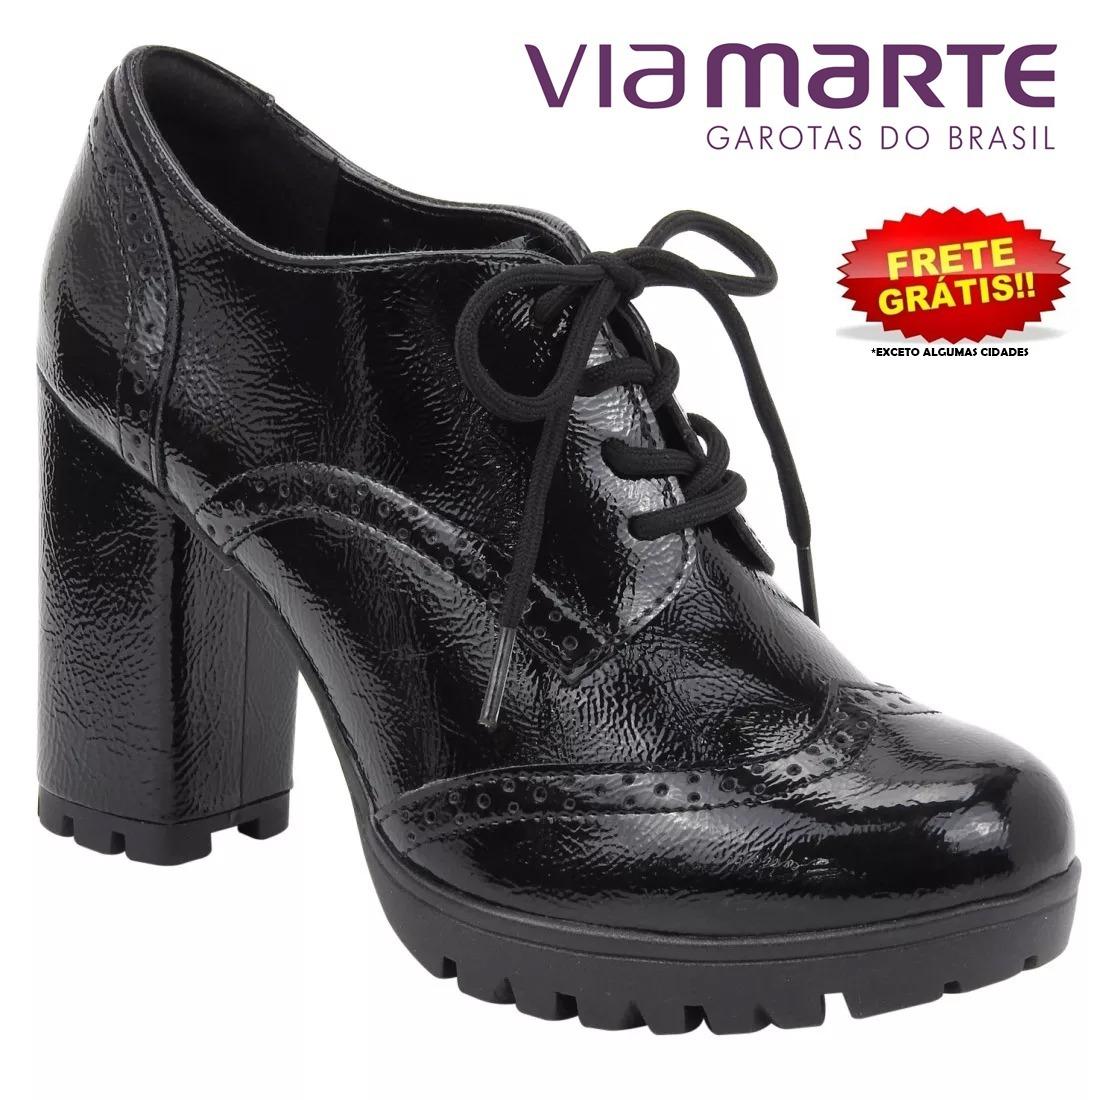 e4e52c2b4 sapato via marte oxford 18-4408 preto verniz feminino. Carregando zoom.